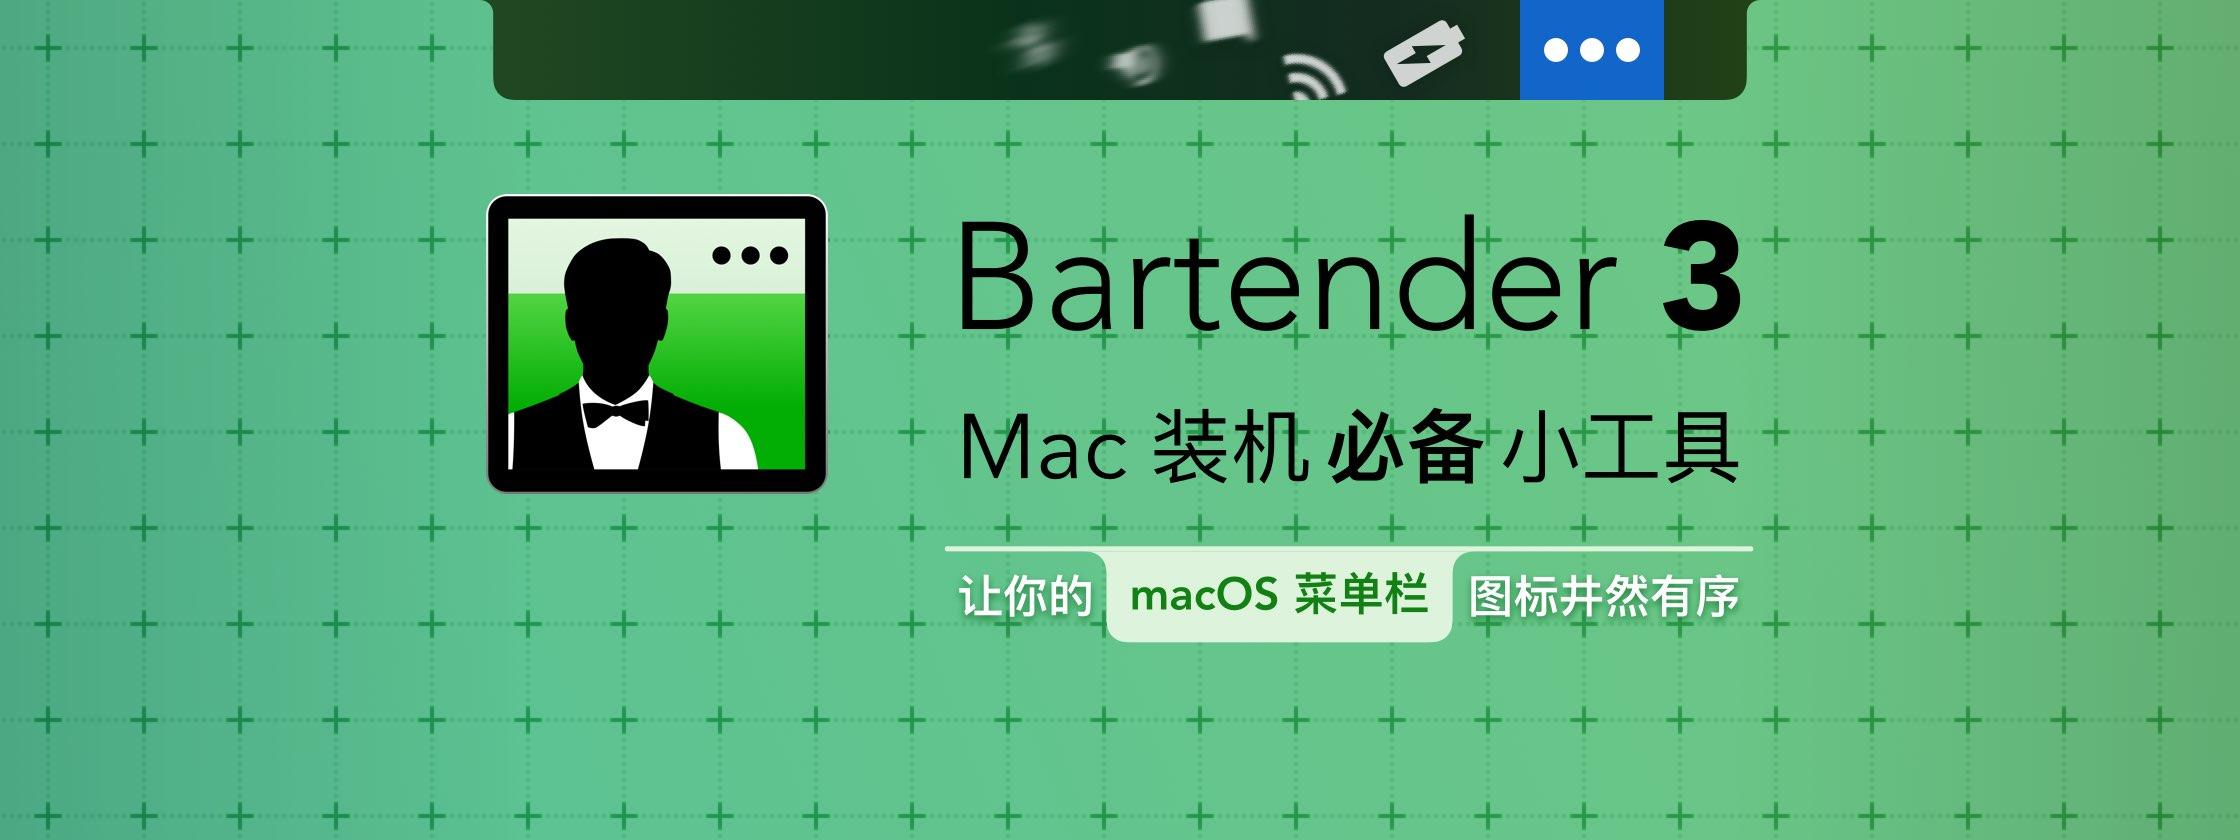 Bartender 3:Mac 装机必备菜单栏整理工具